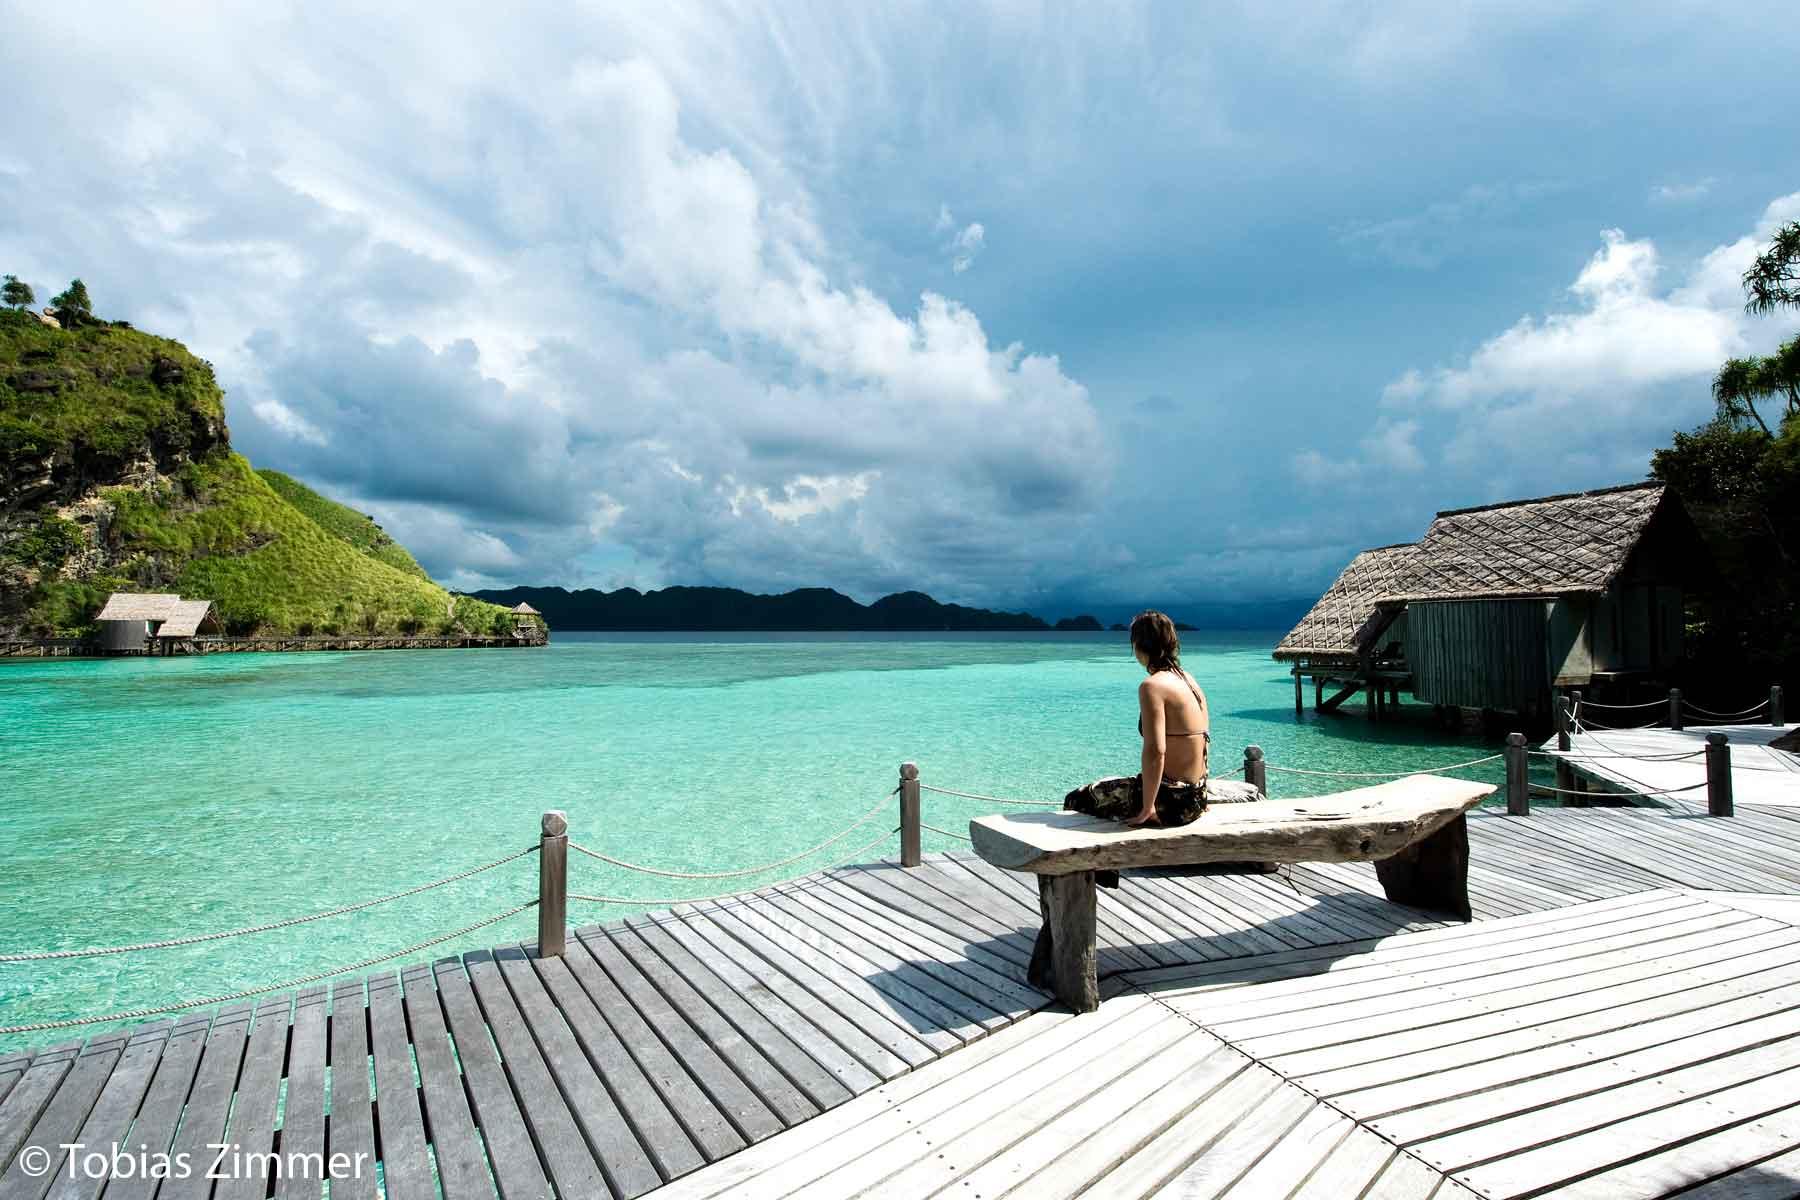 Misool eco resort in raja ampat indonesia scuba diving holidays equator diving - Raja ampat dive resort ...